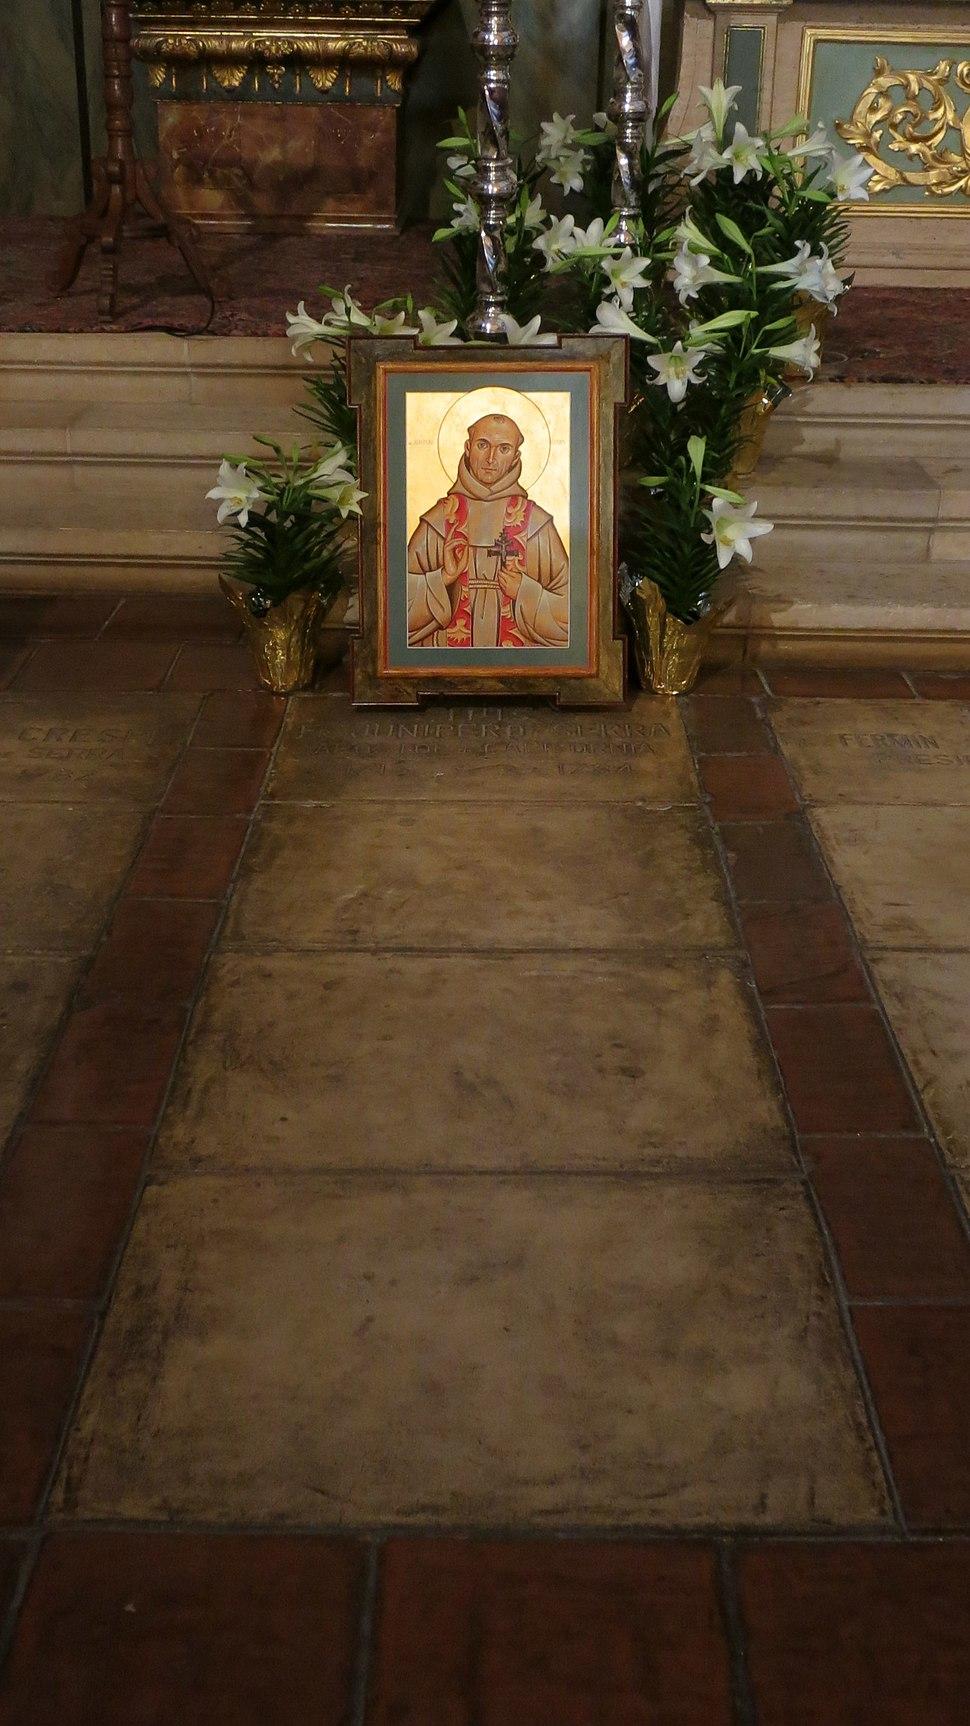 Mission San Carlos Borromeo de Carmelo (Carmel, CA) - basilica, interior, grave of Junipero Serra